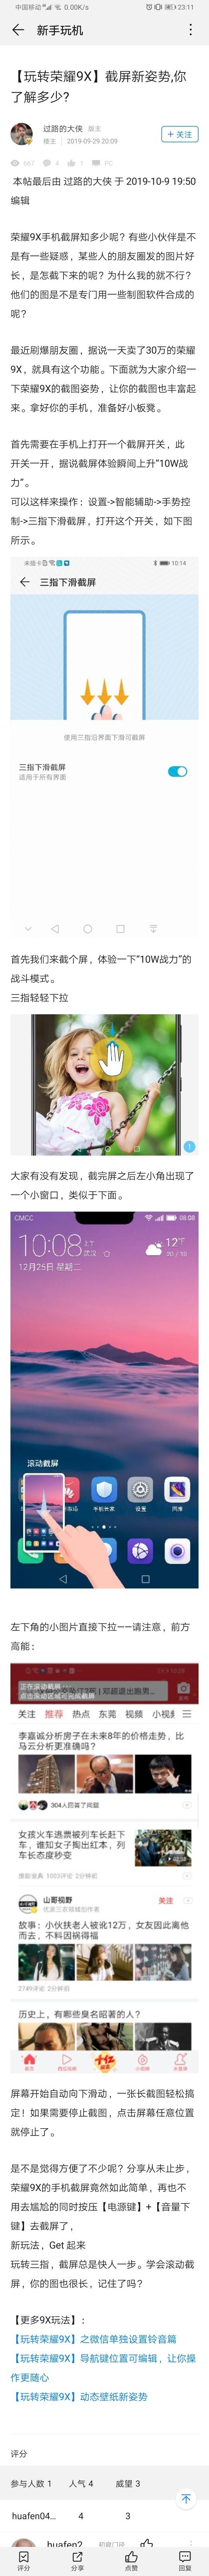 Screenshot_20191014_231118_com.huawei.fans.jpg